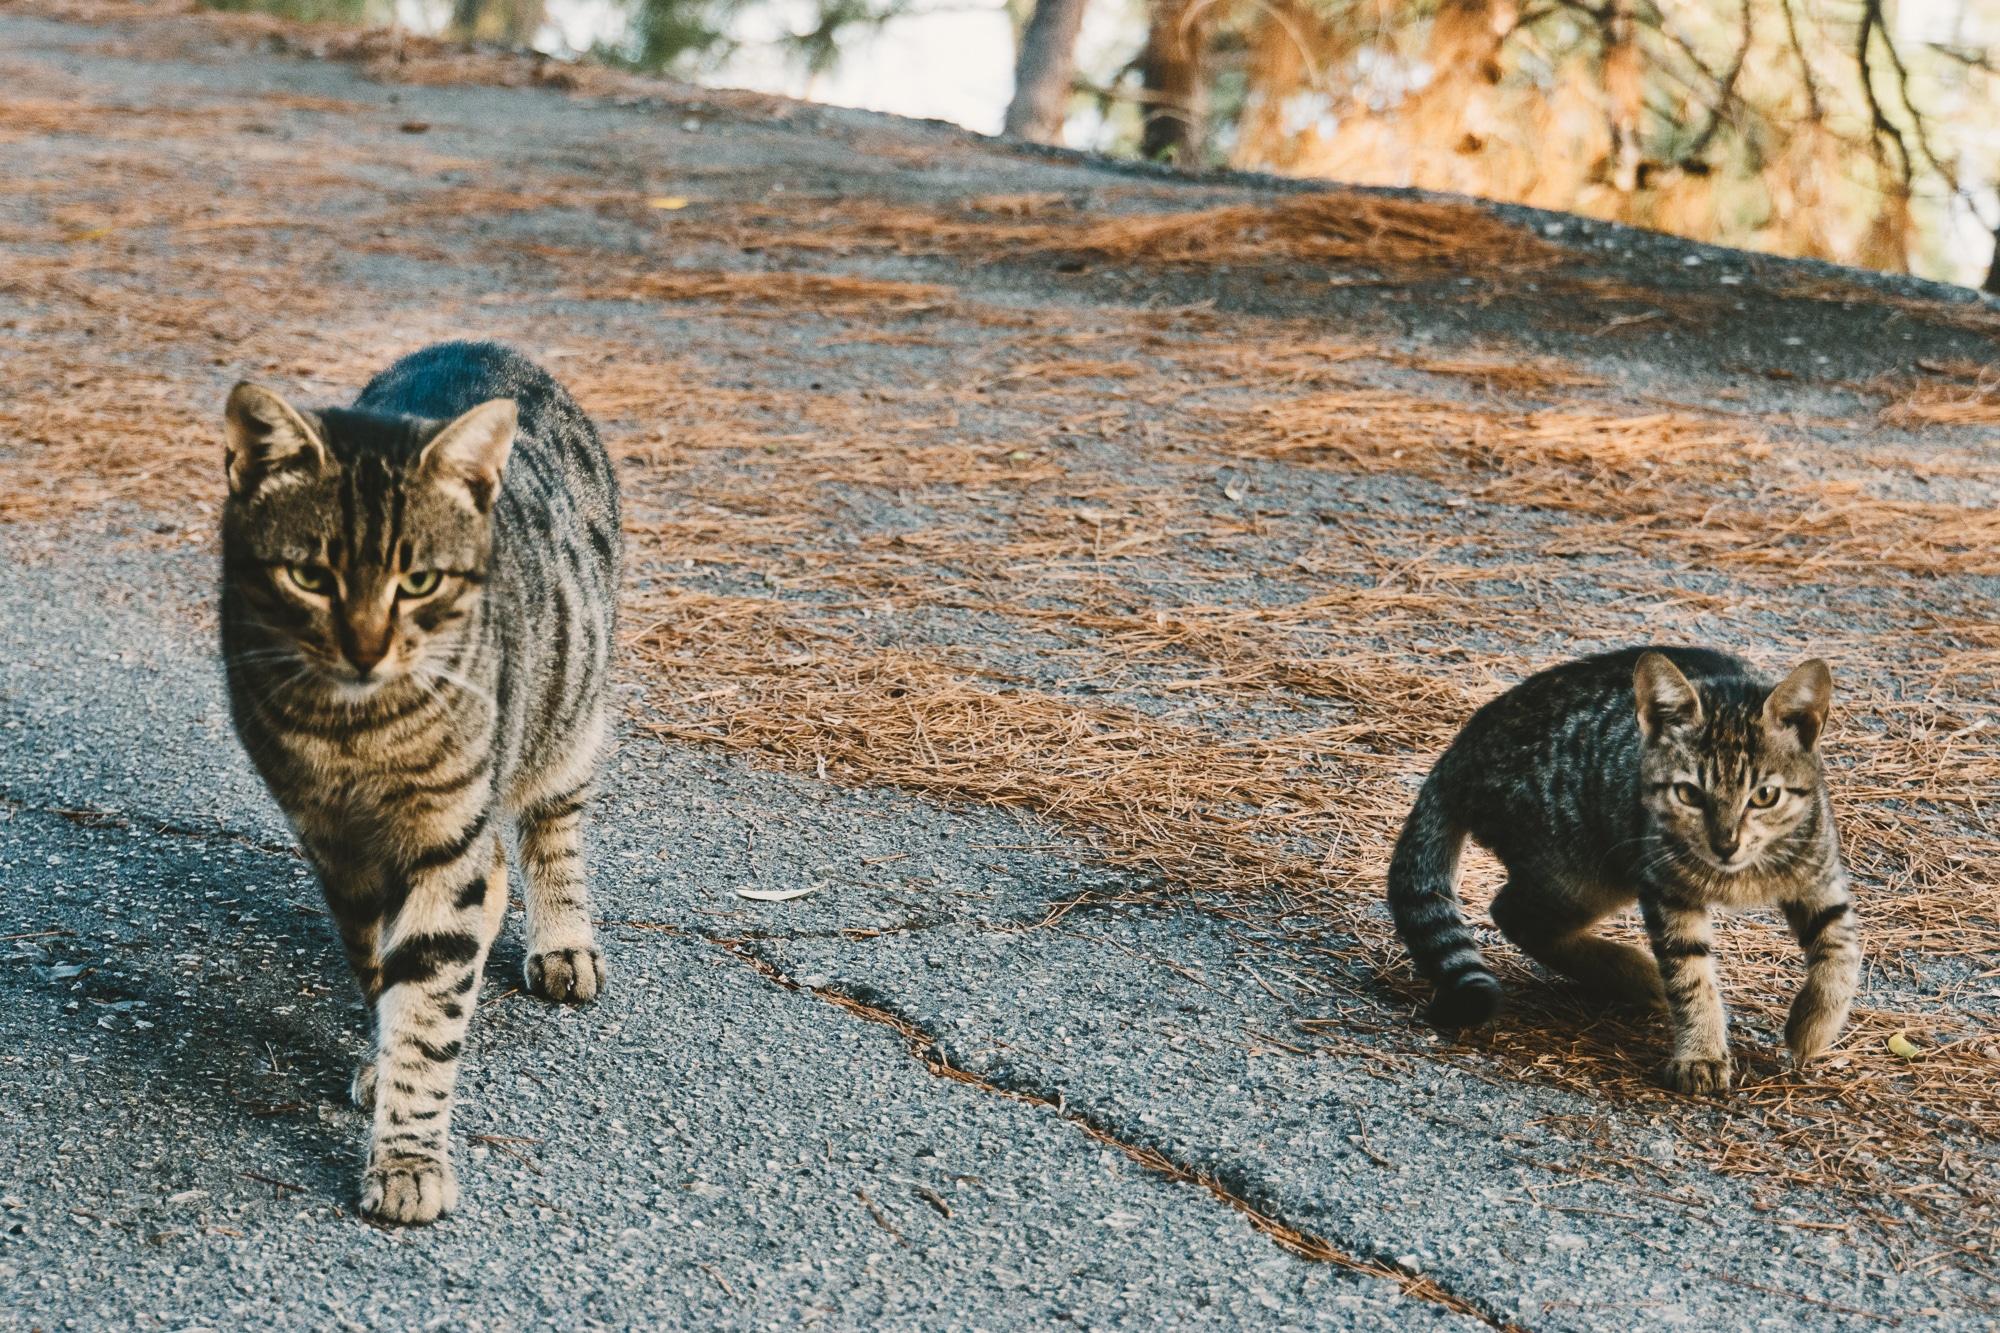 Meganisi: Katzen auf der Straße